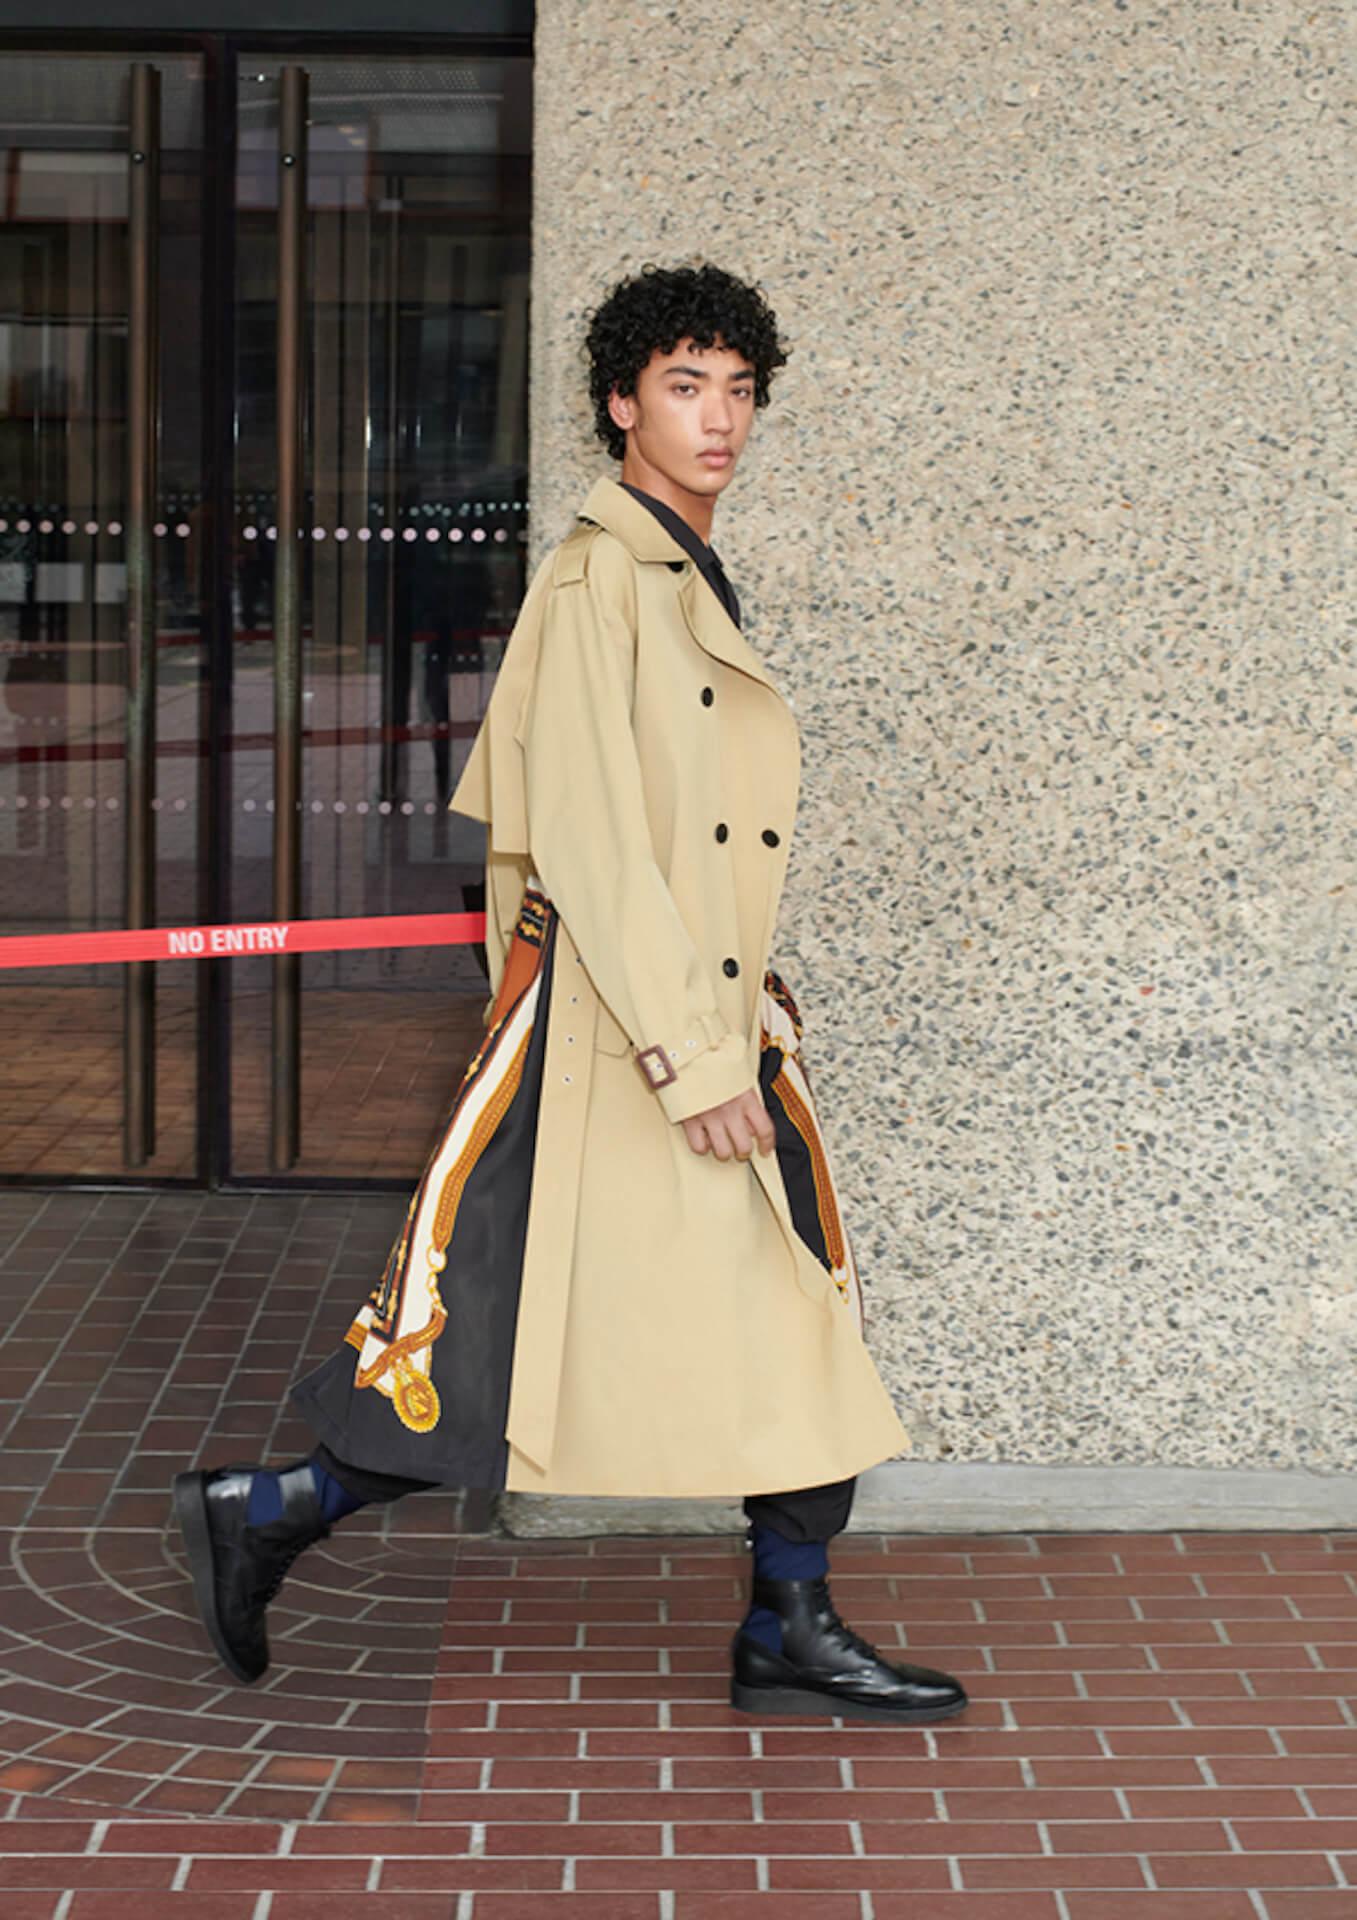 H&Mが日本のカルト的人気ブランドTOGAとのコラボレーションを発表!9月2日に販売開始 Fation210610_TOGA3